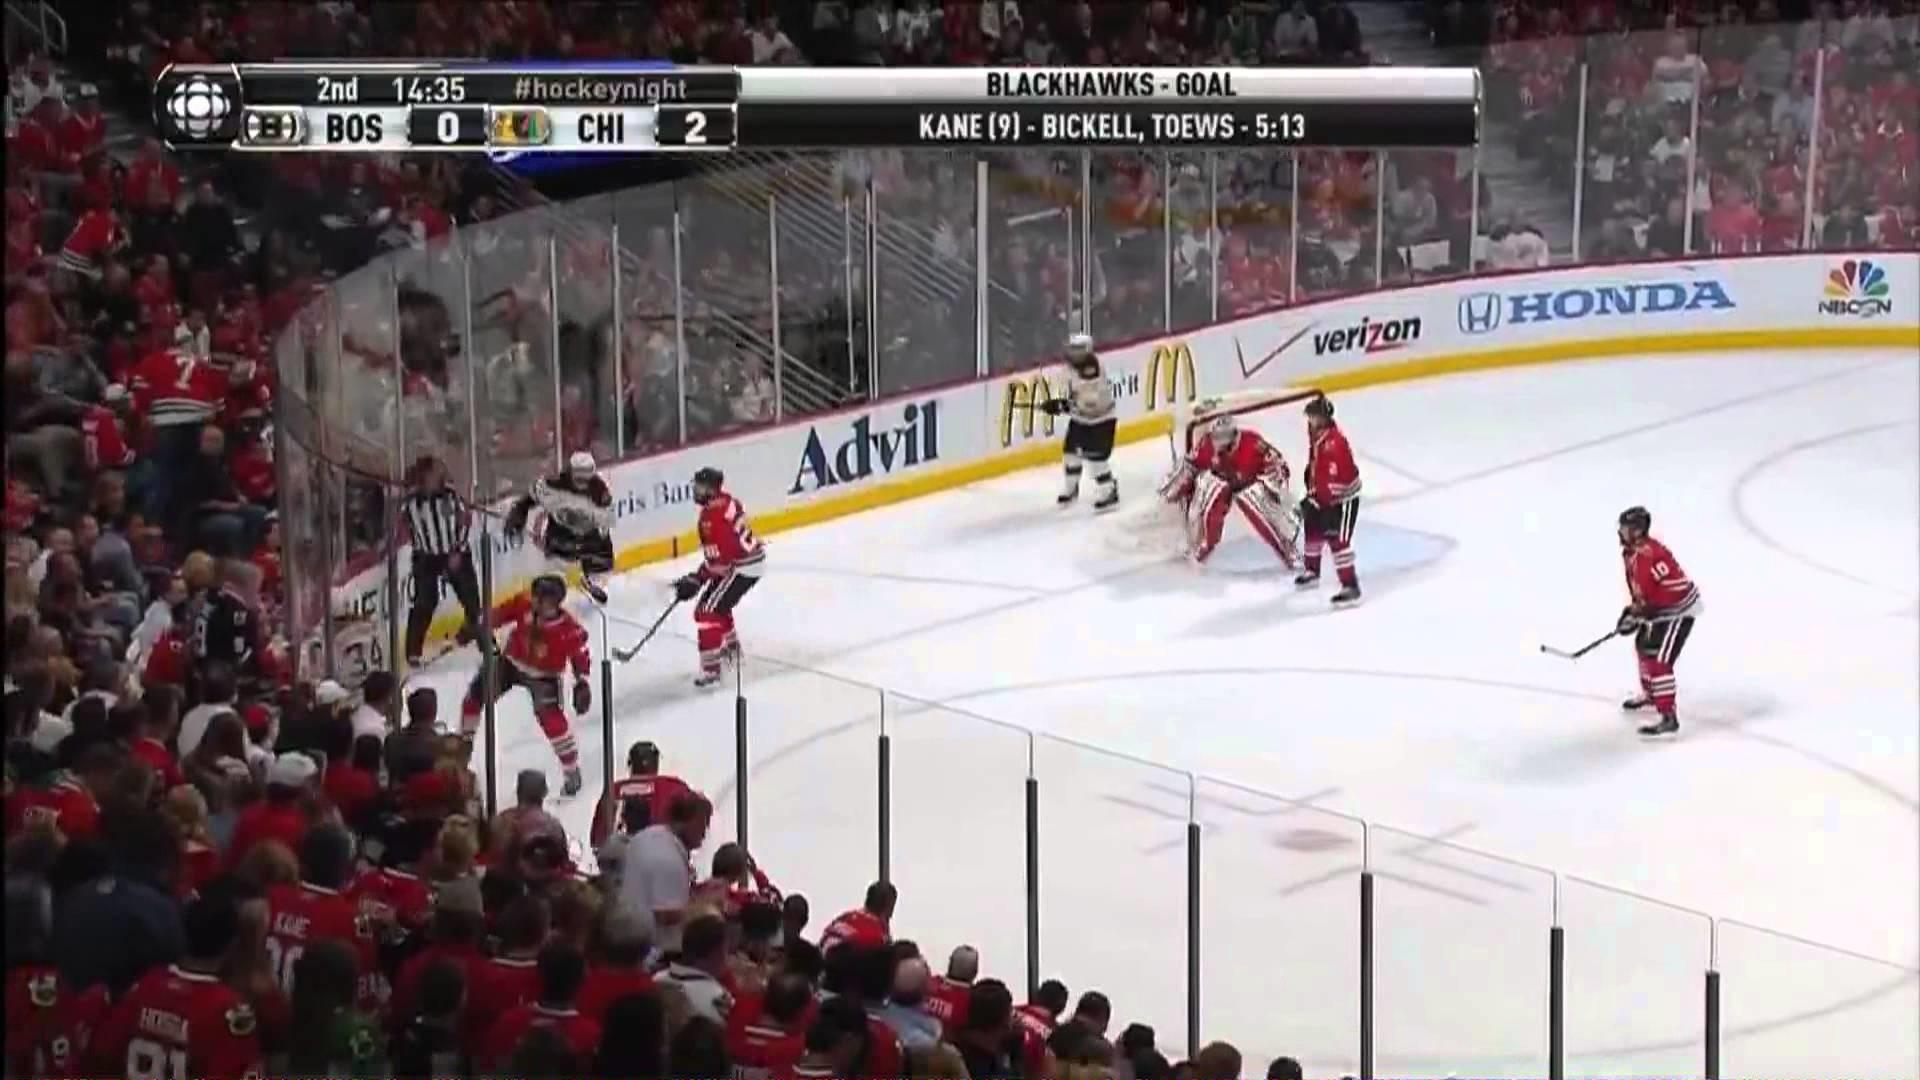 Patrick Kane (9) Goal: Game #5 SCF – Boston Bruins 0 Chicago Blackhawks 2.  June 22nd 2013. (HD)